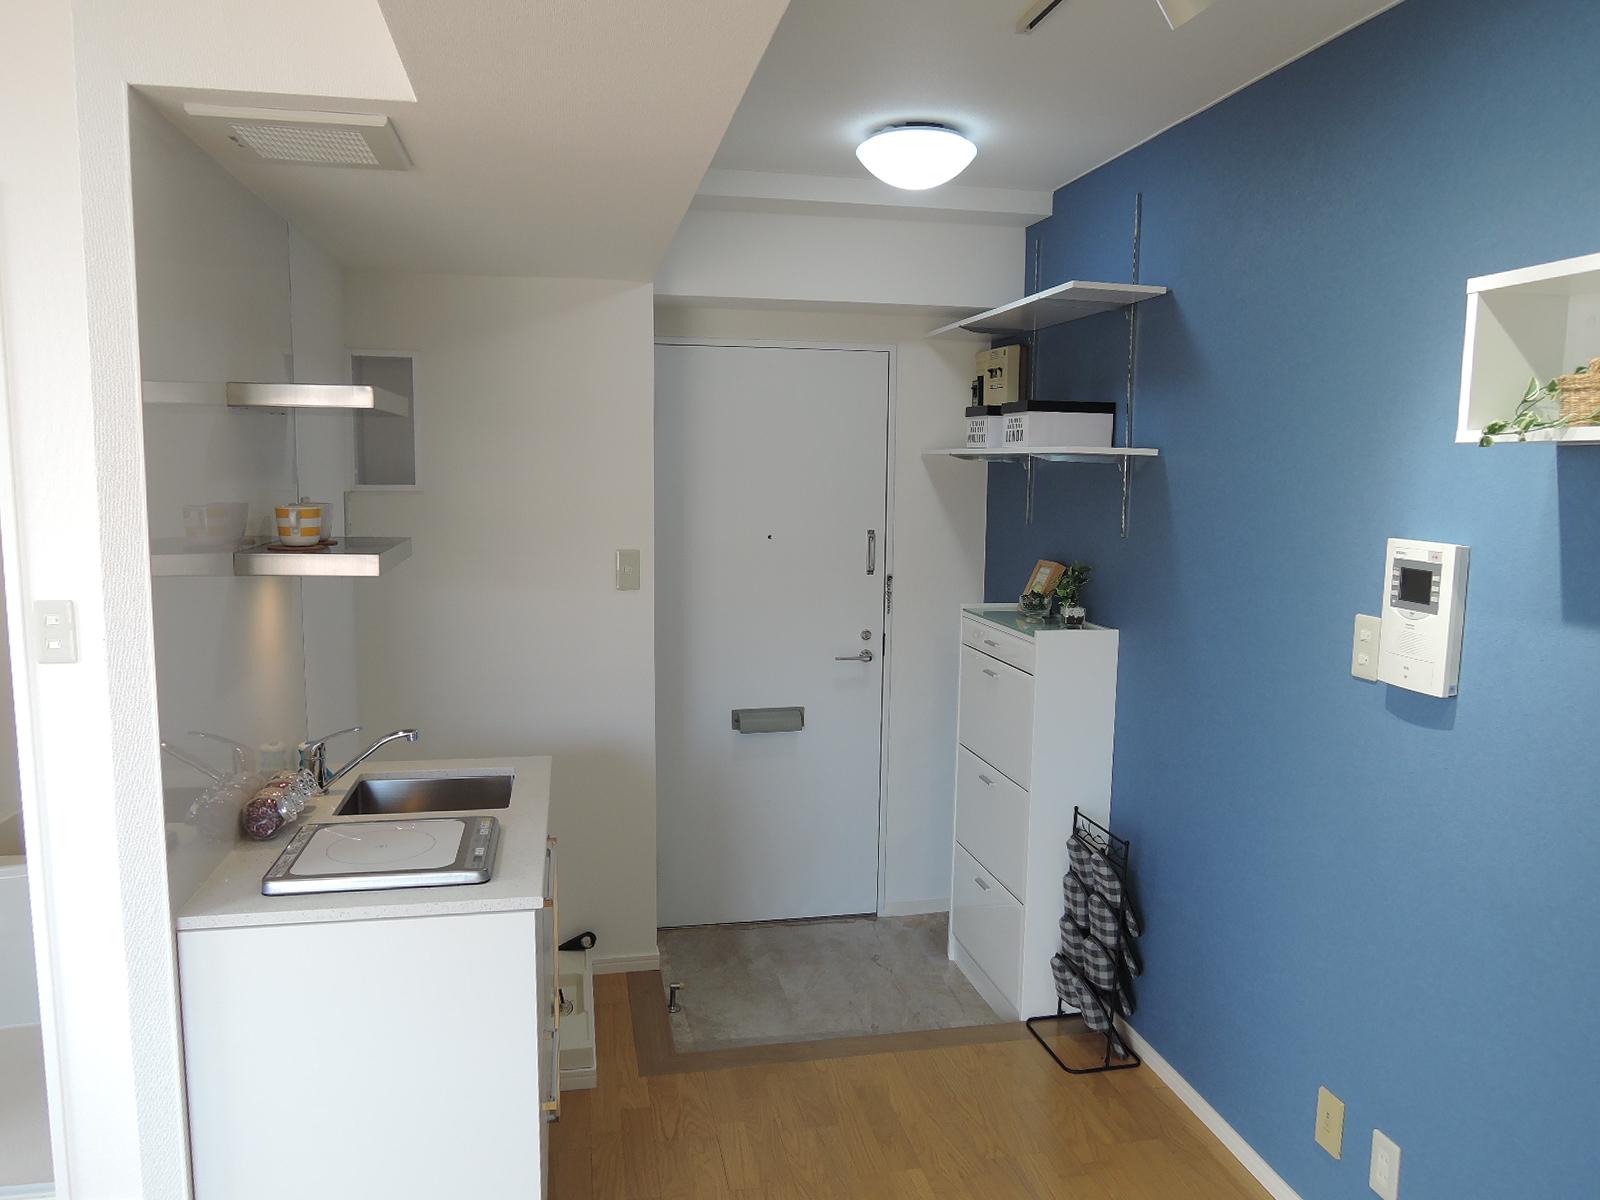 天井・壁・靴入れ・棚等は白で統一、青いアクセントクロスが爽やかです